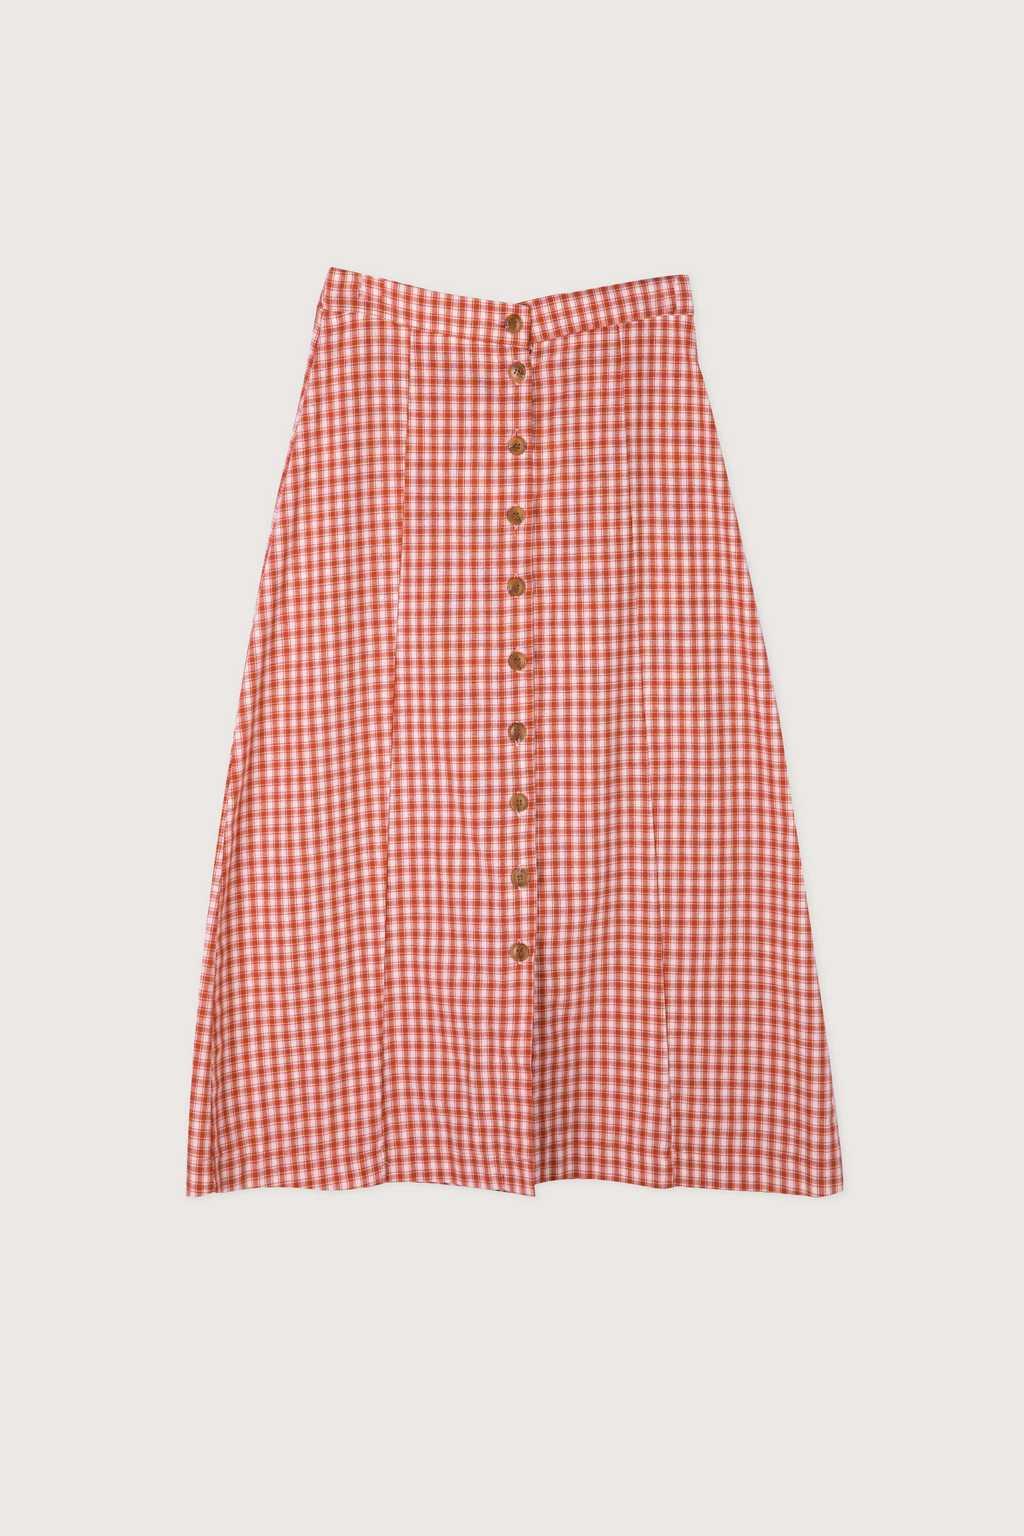 Skirt K012 Red 6